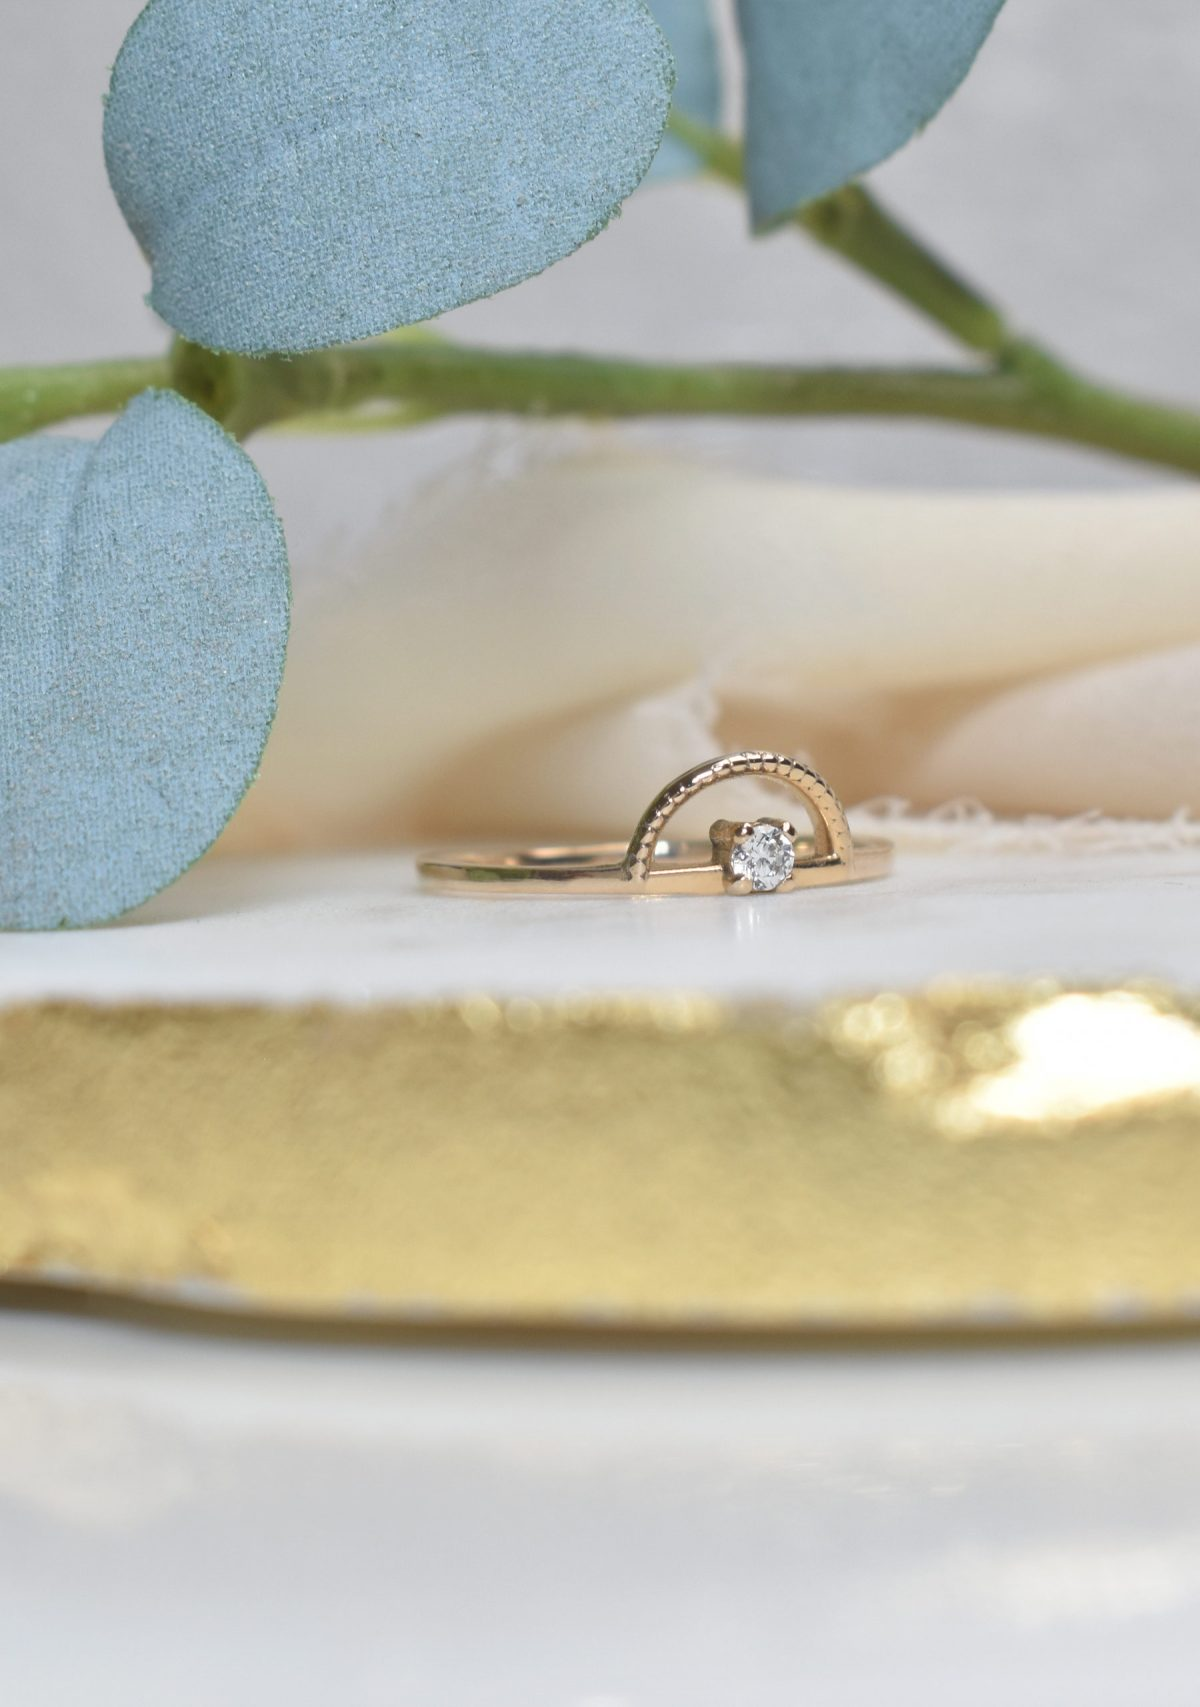 Saint K Halo Diamond Stacking 14k Gold Ring